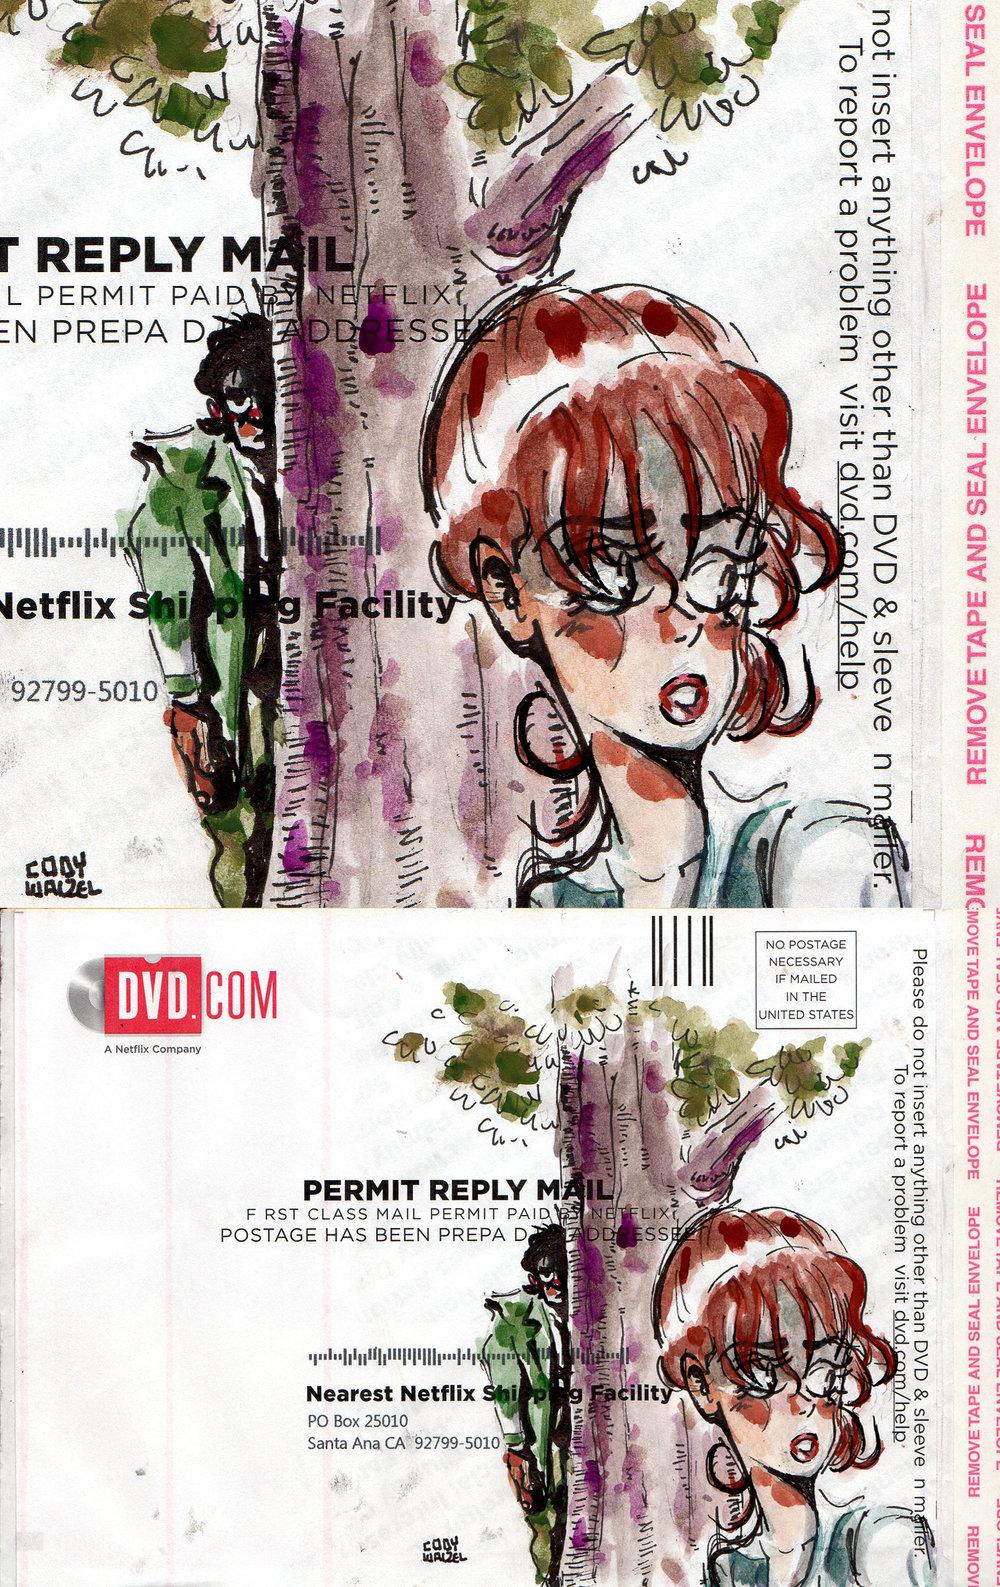 netflix_pride&prejudice003 copy.jpg